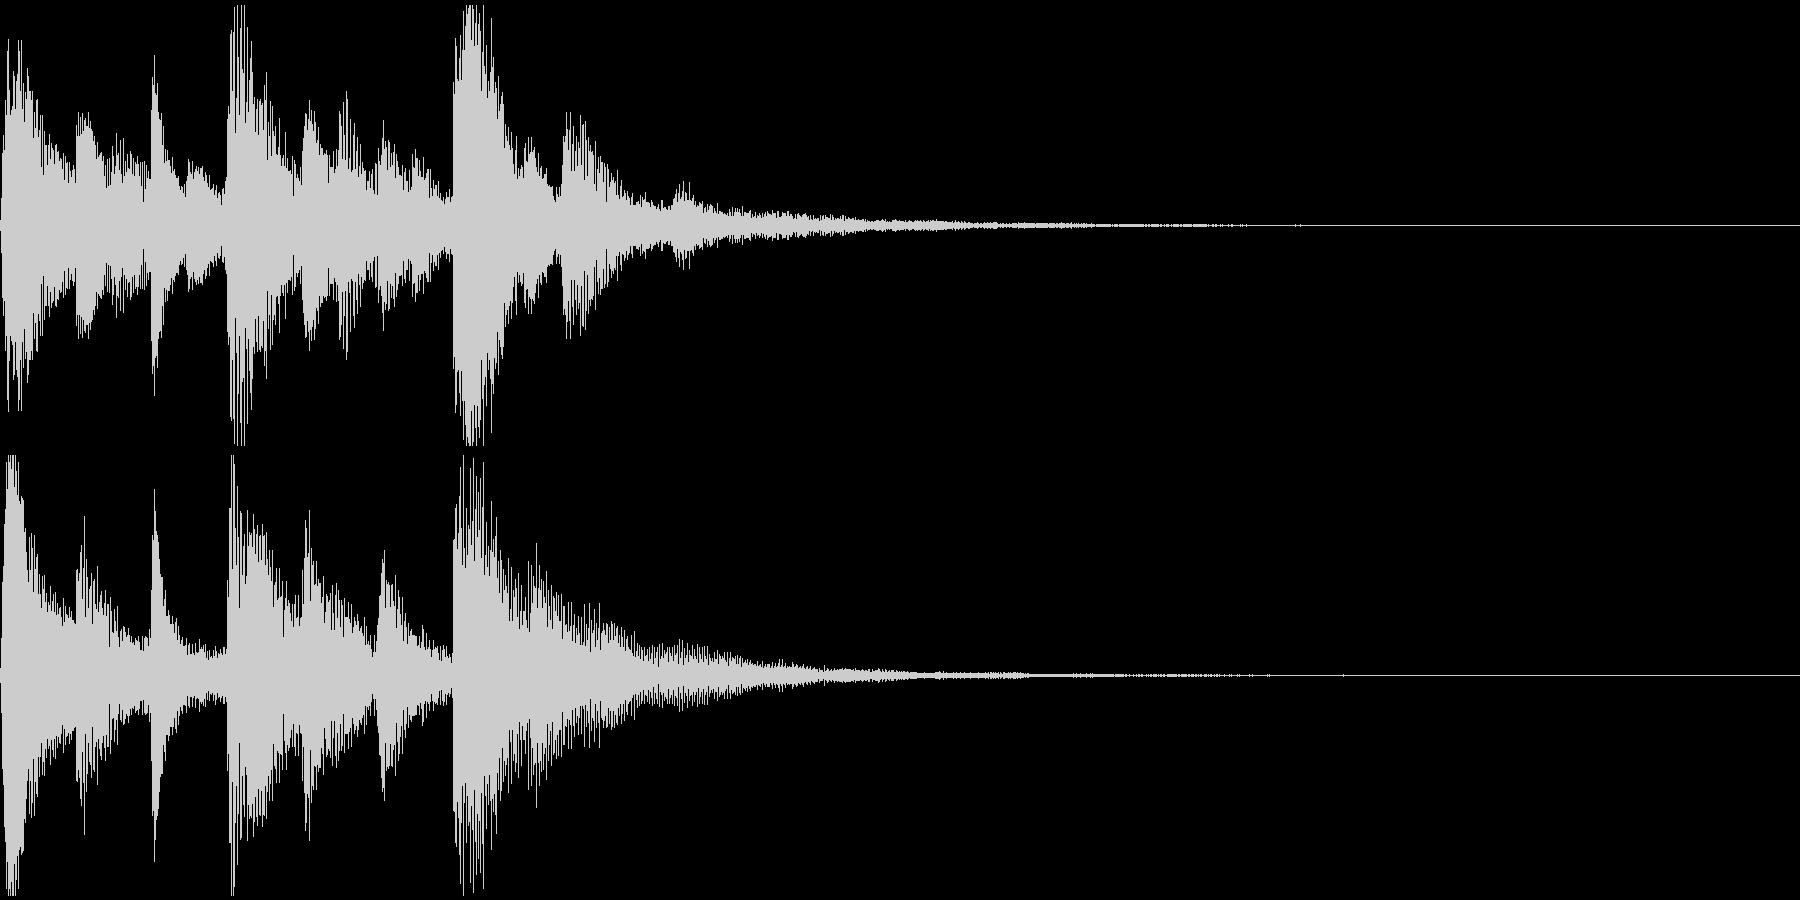 ジングル (ピアノ・場面転換・結果表示)の未再生の波形